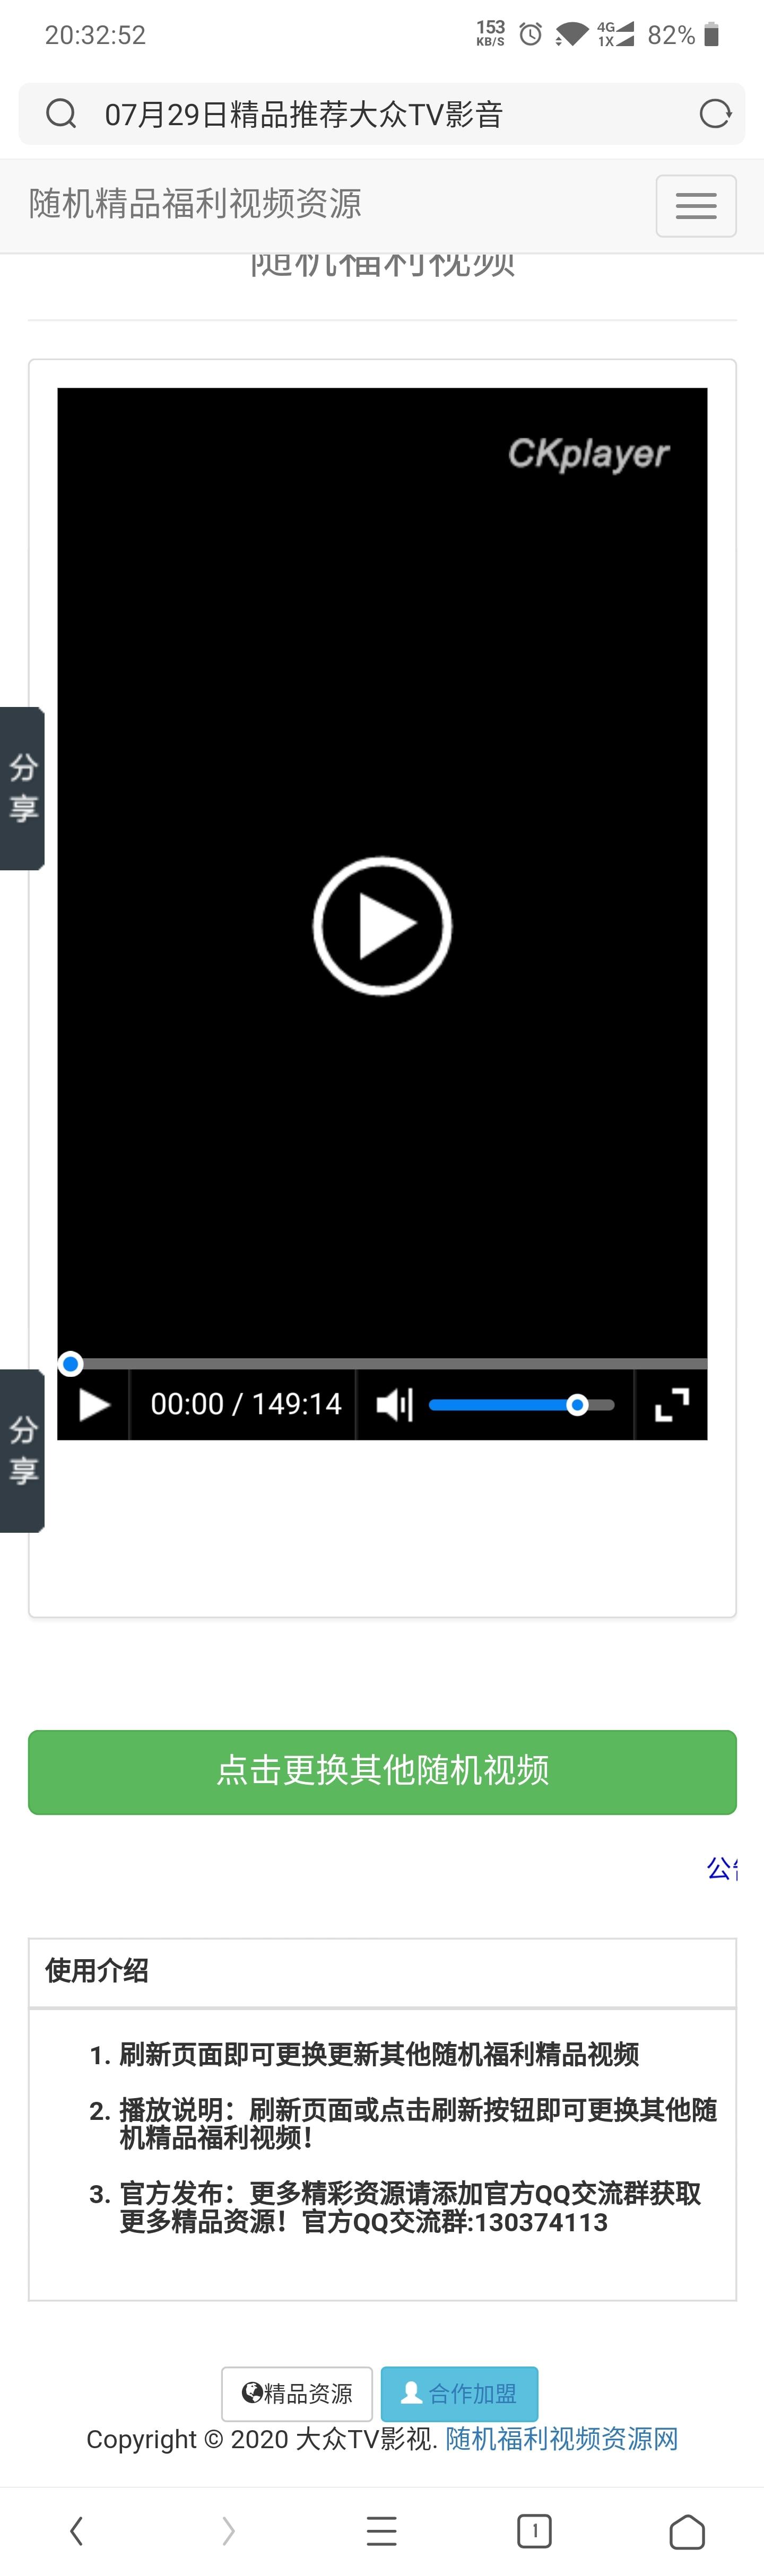 一元源码:随机精品福利视频源码